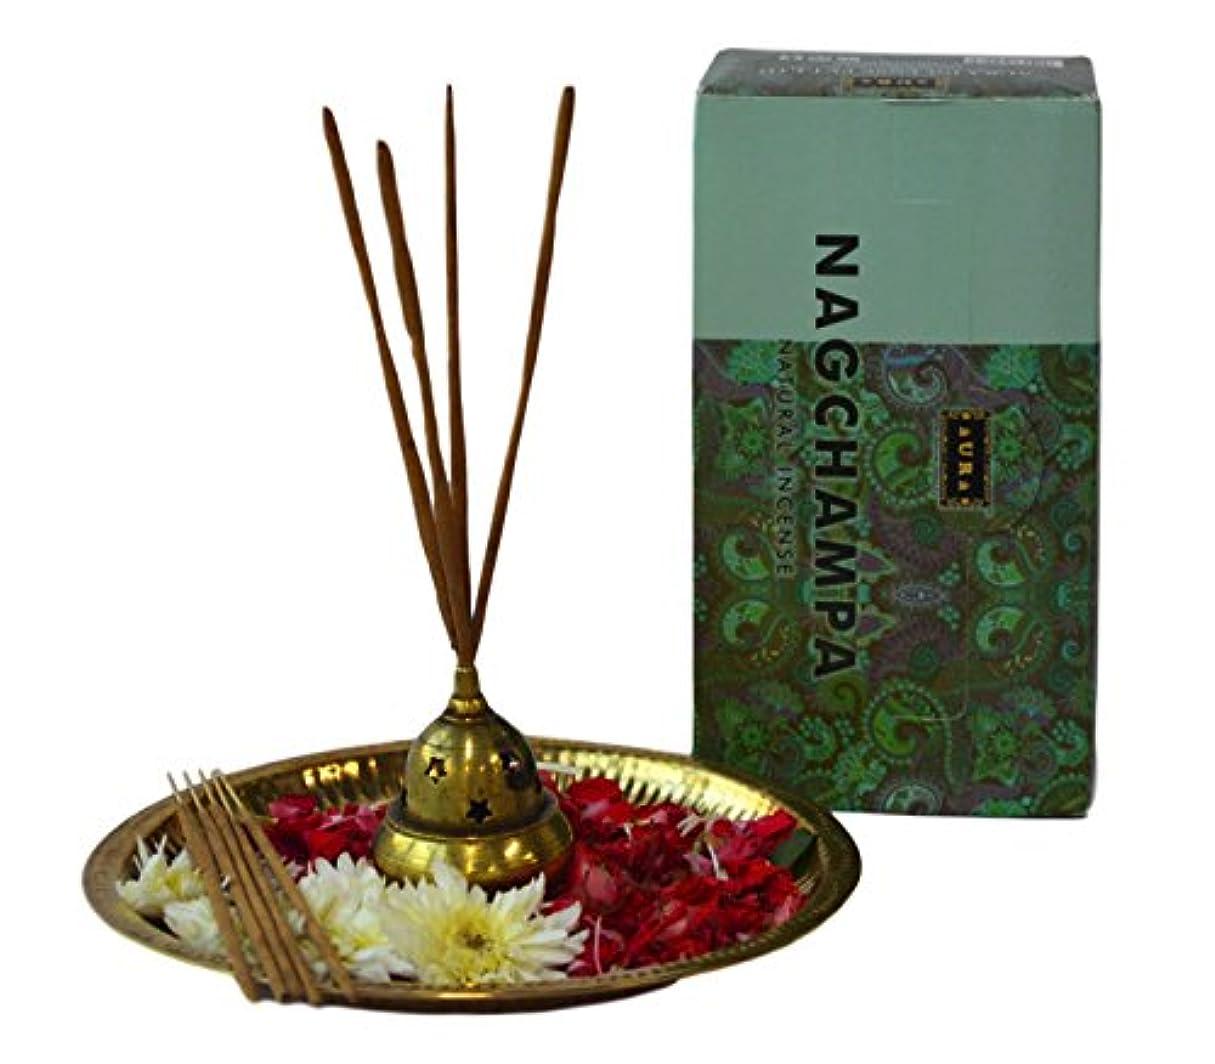 徹底的にオペレータードライバAura Premium Aromatherapy Natural Incense Sticks, Nag Champa Masala Incense Sticks (12 x 15gms),VALUE PACK-120...